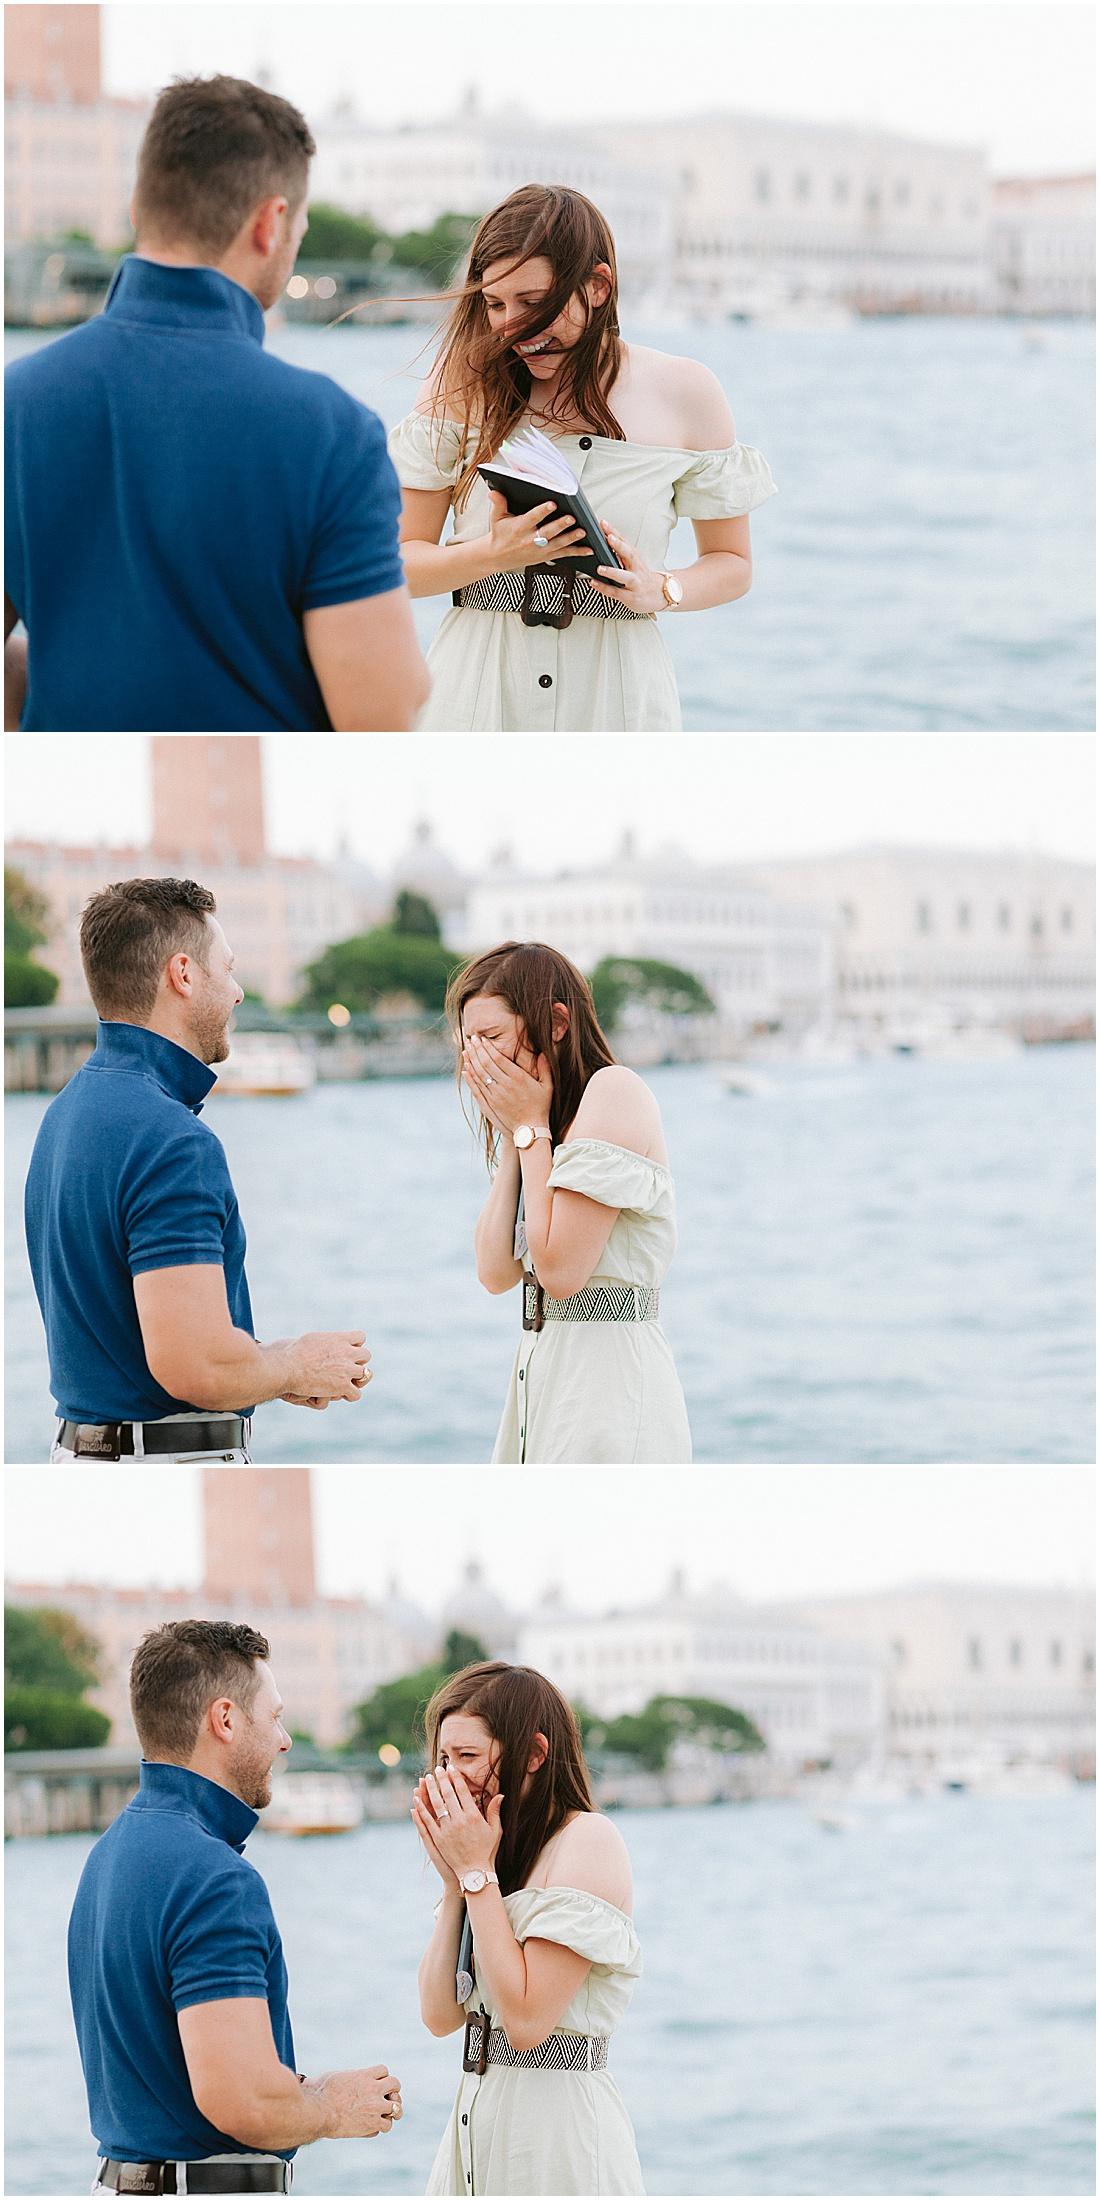 wedding-surprise-proposal-photographer-venice-gondola-sunset-stefano-degirmenci_0369.jpg